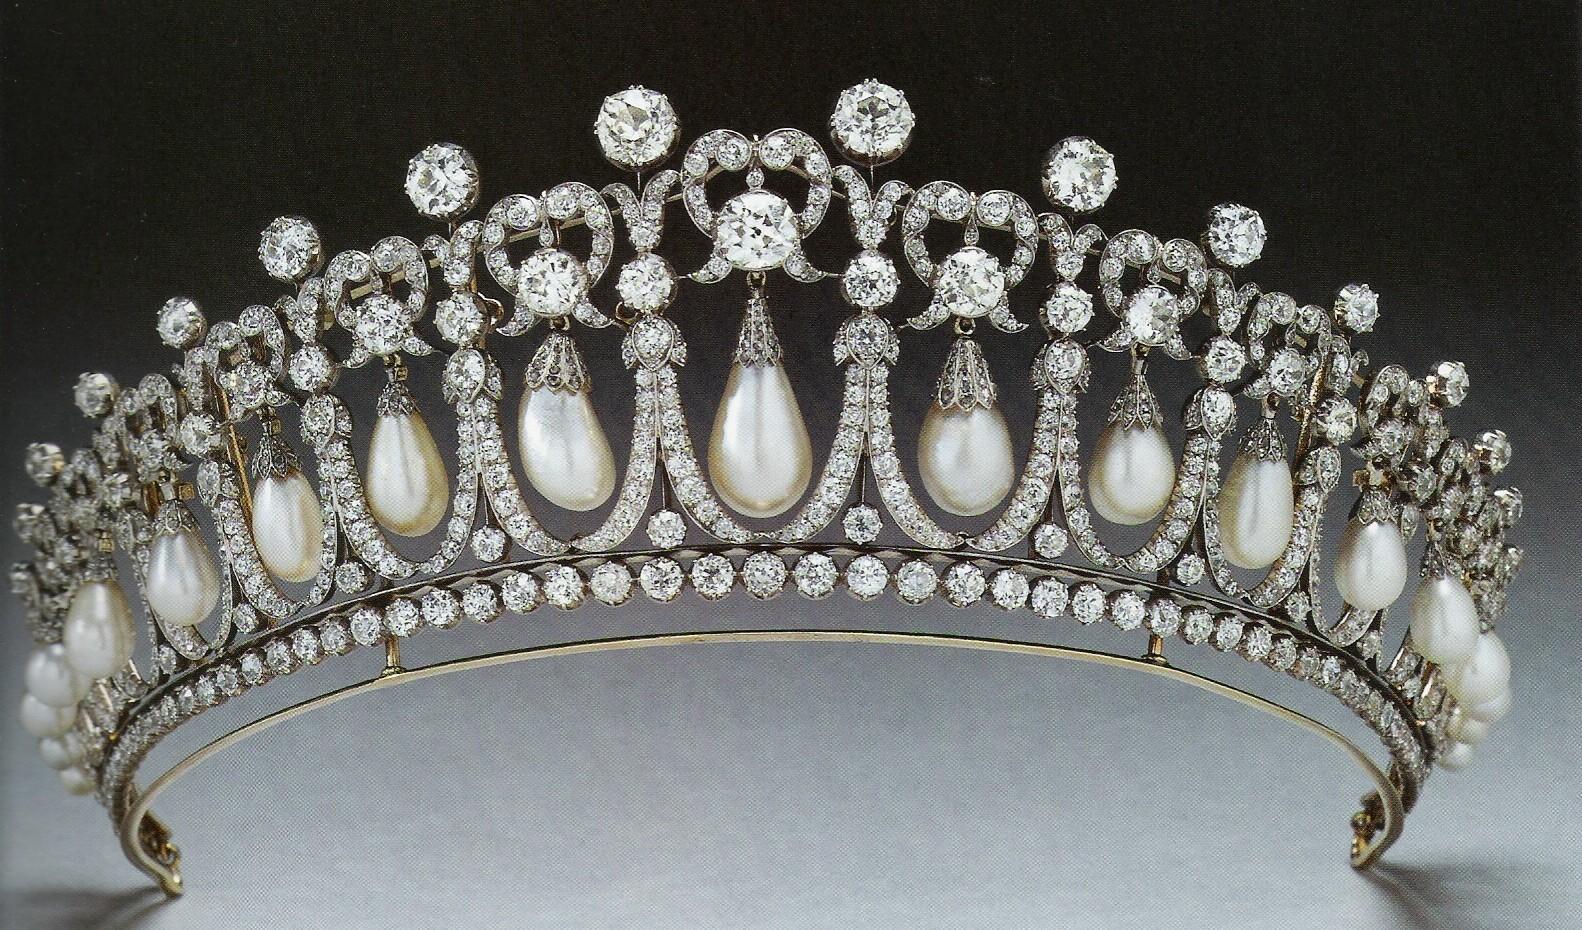 La corte reale novembre 2010 for Tiara di diamanti